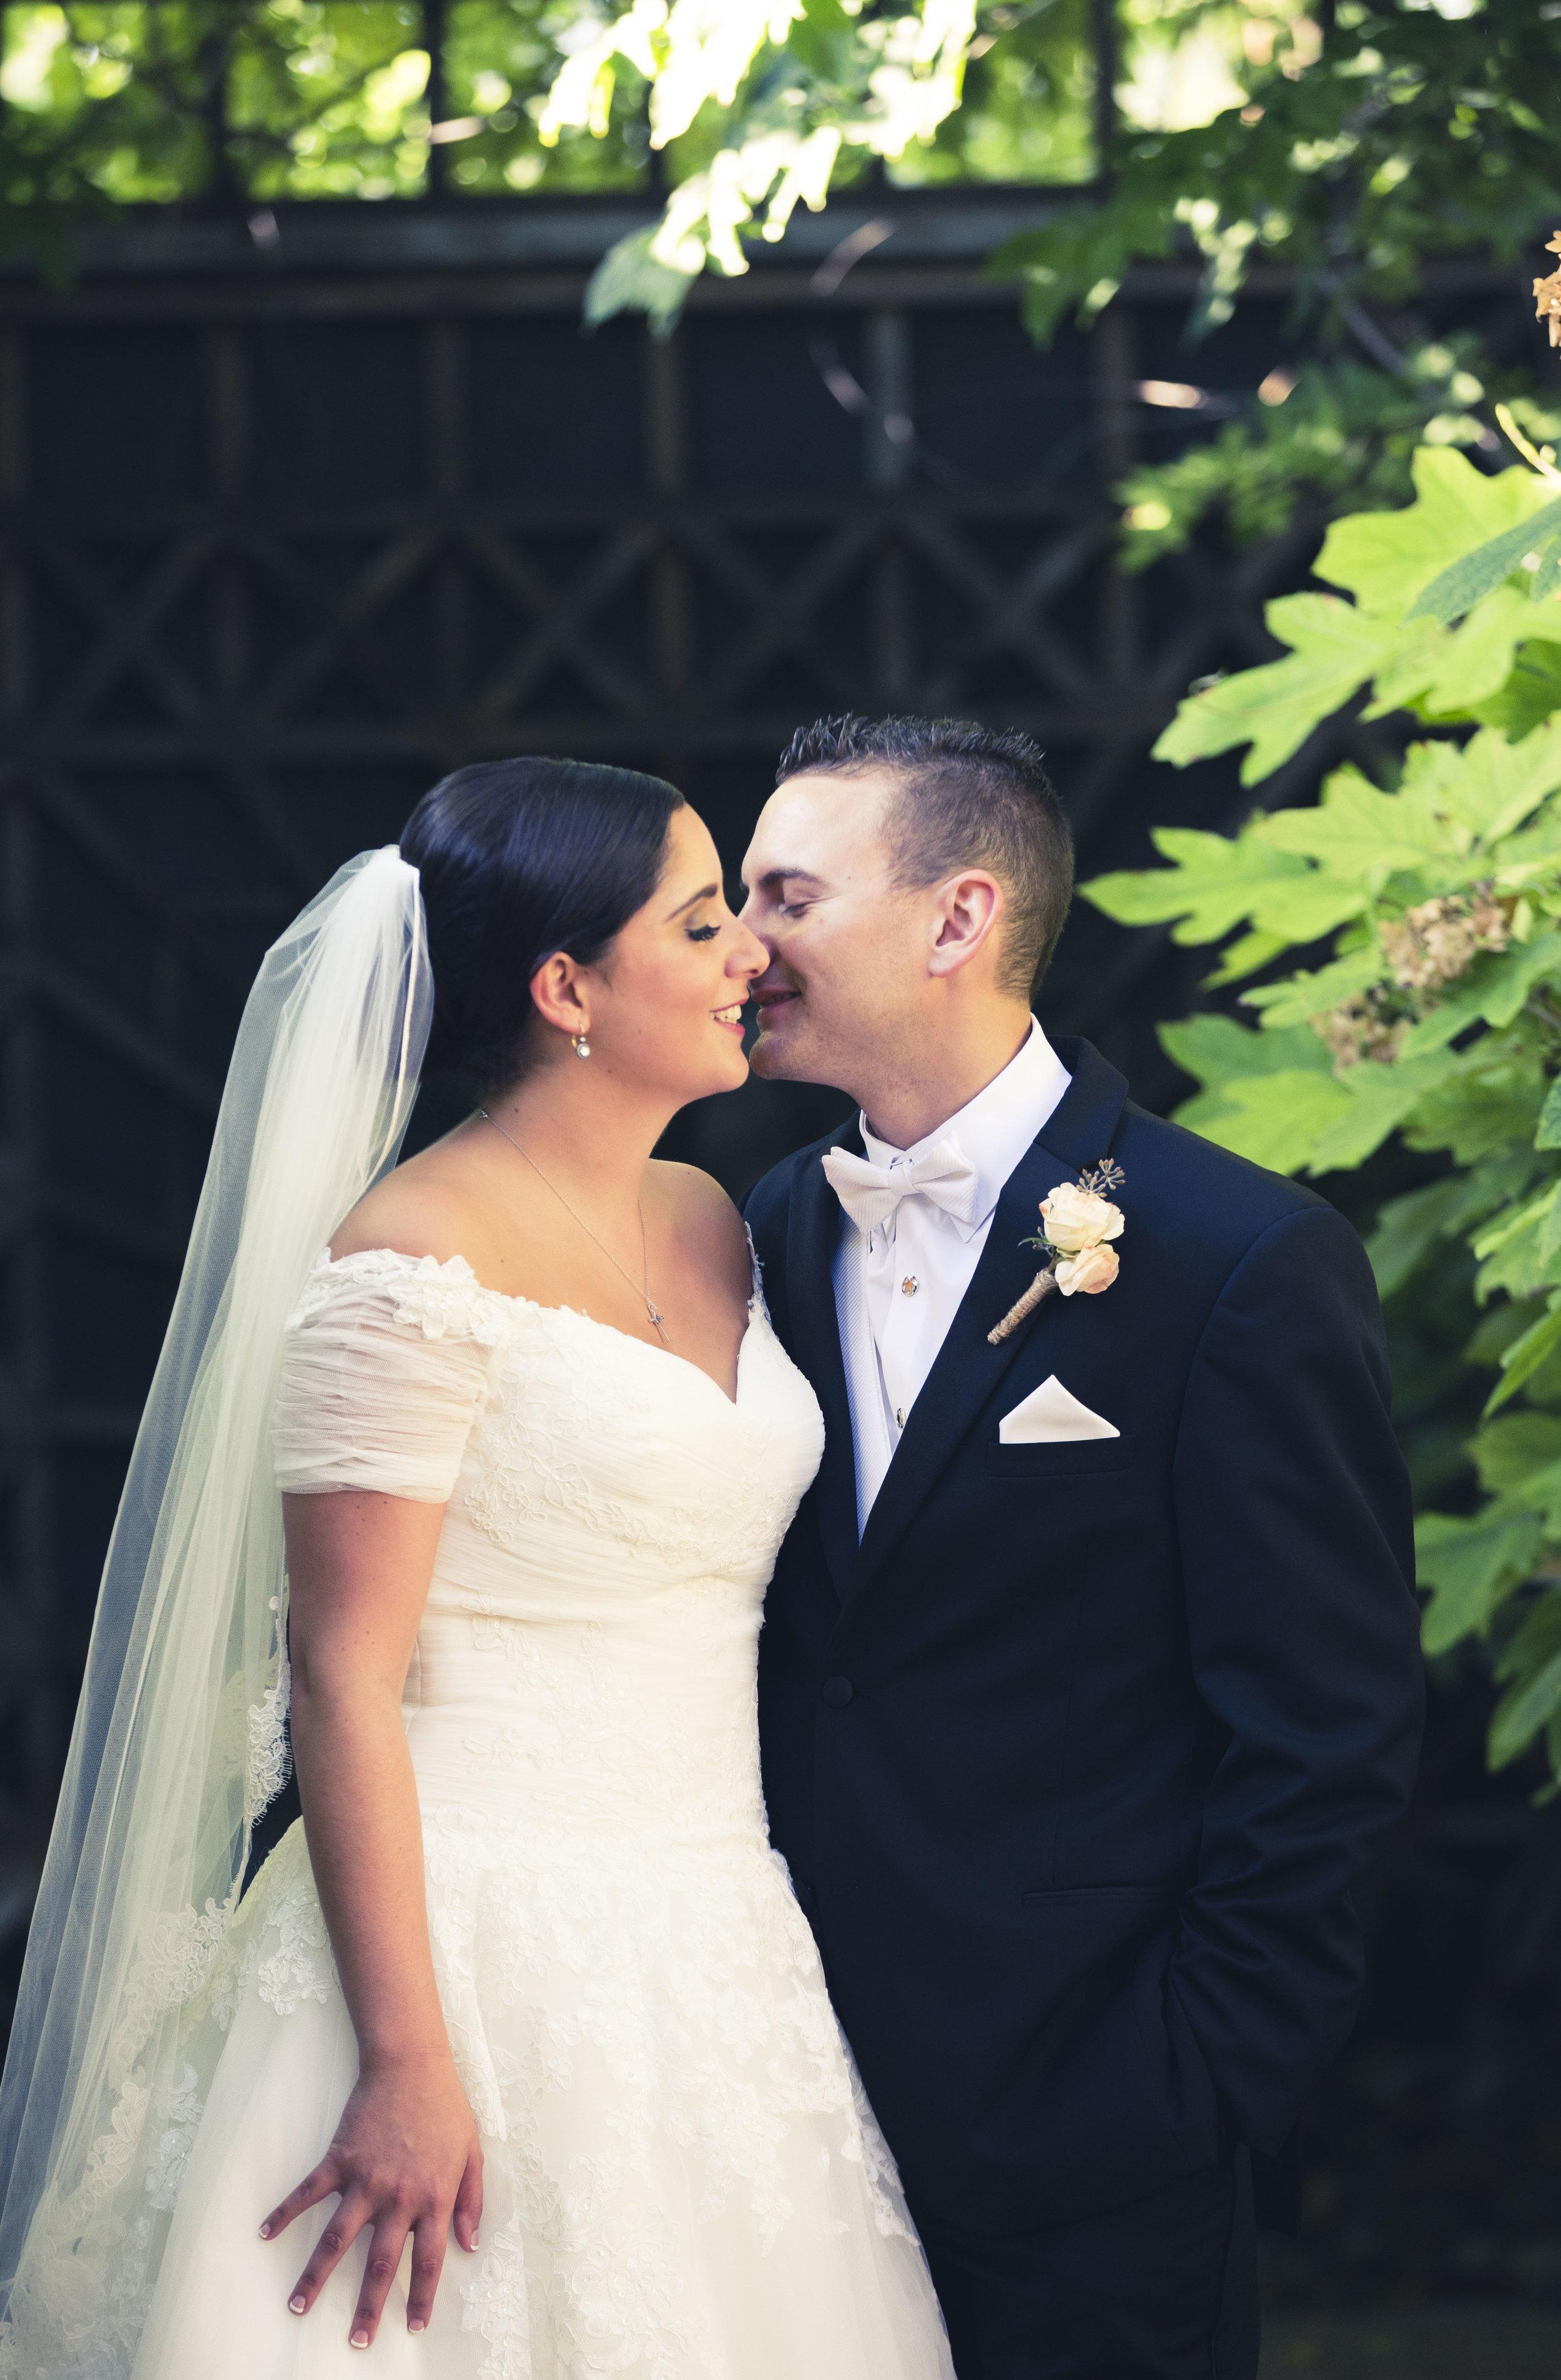 ATGI_Magali & Josh Wedding1__10.jpg